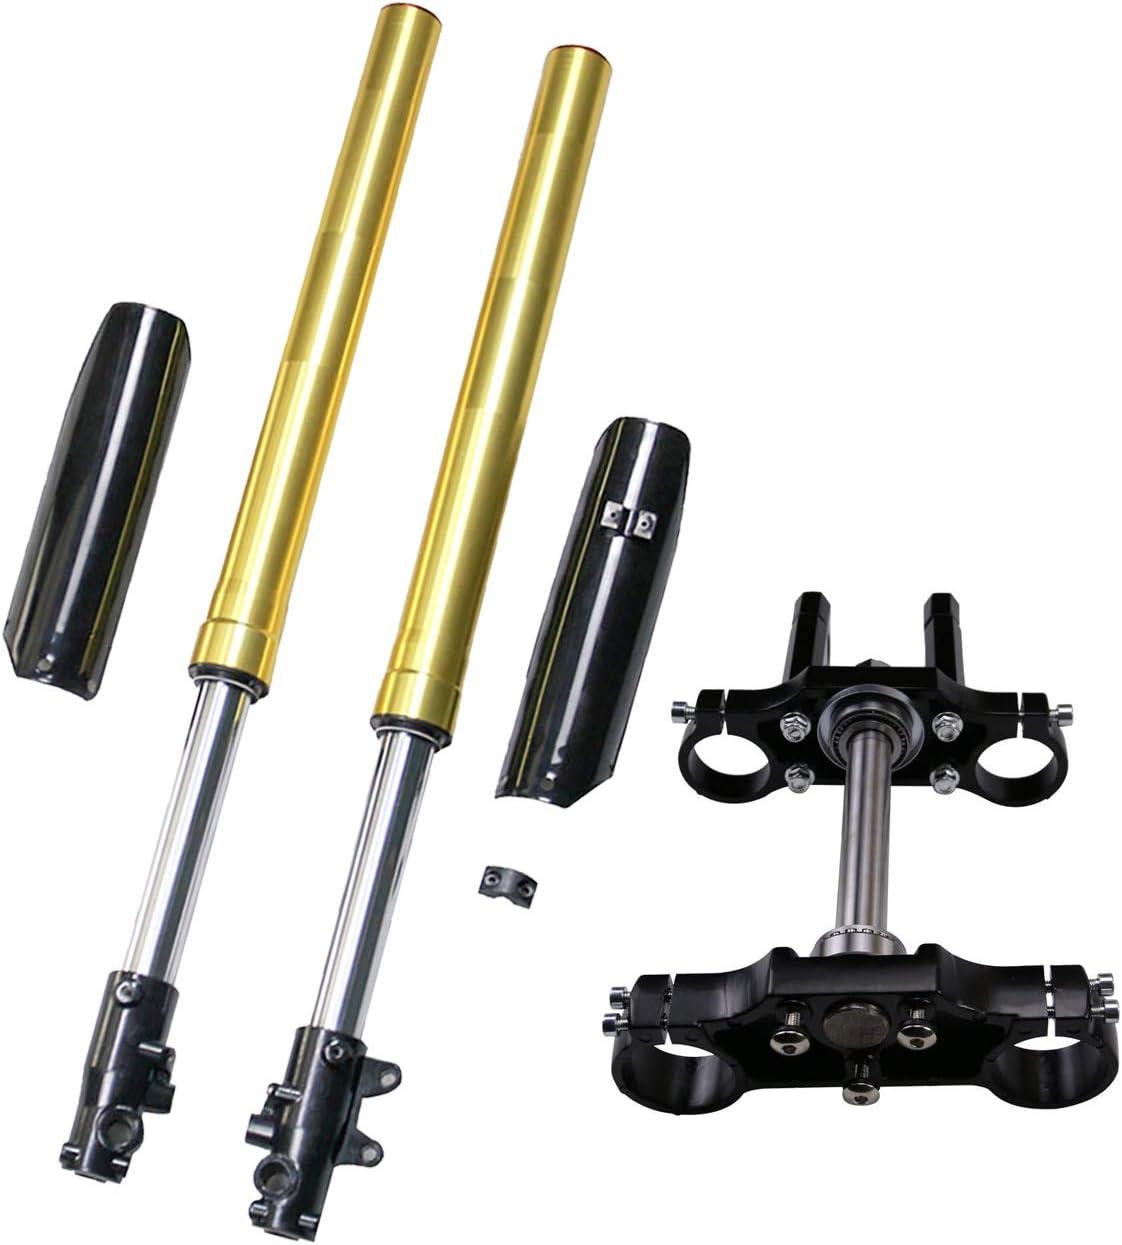 Front Forks Lower Upper Triple Tree Stem Clamp kIT for 49cc Mini Dirt Bike